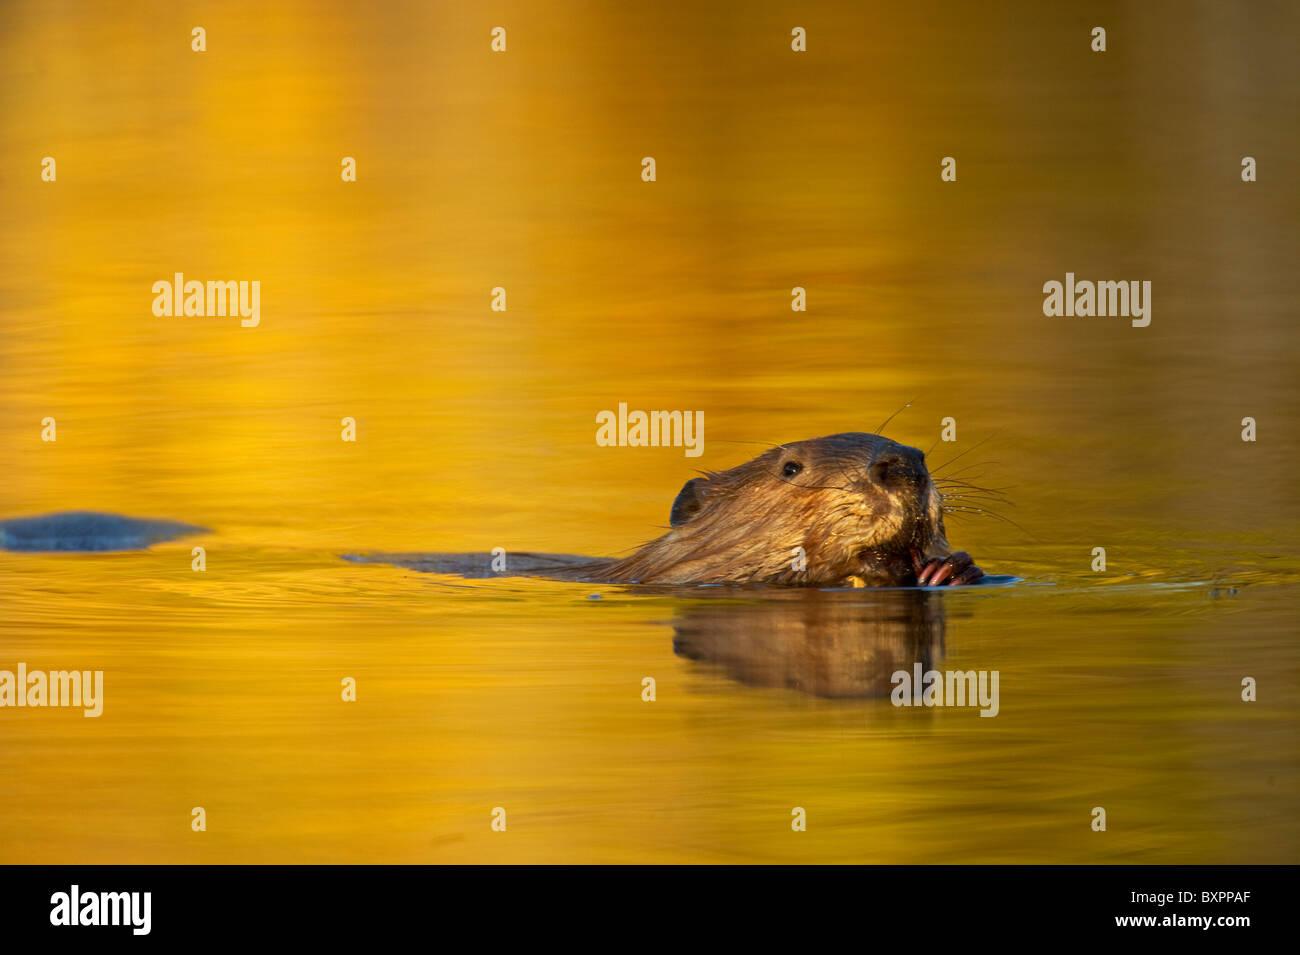 Ein Biber gleitet mühelos durch die Warmton Reflexion des Sonnenlichts im Herbst beim Kauen auf einem Stick. Stockbild